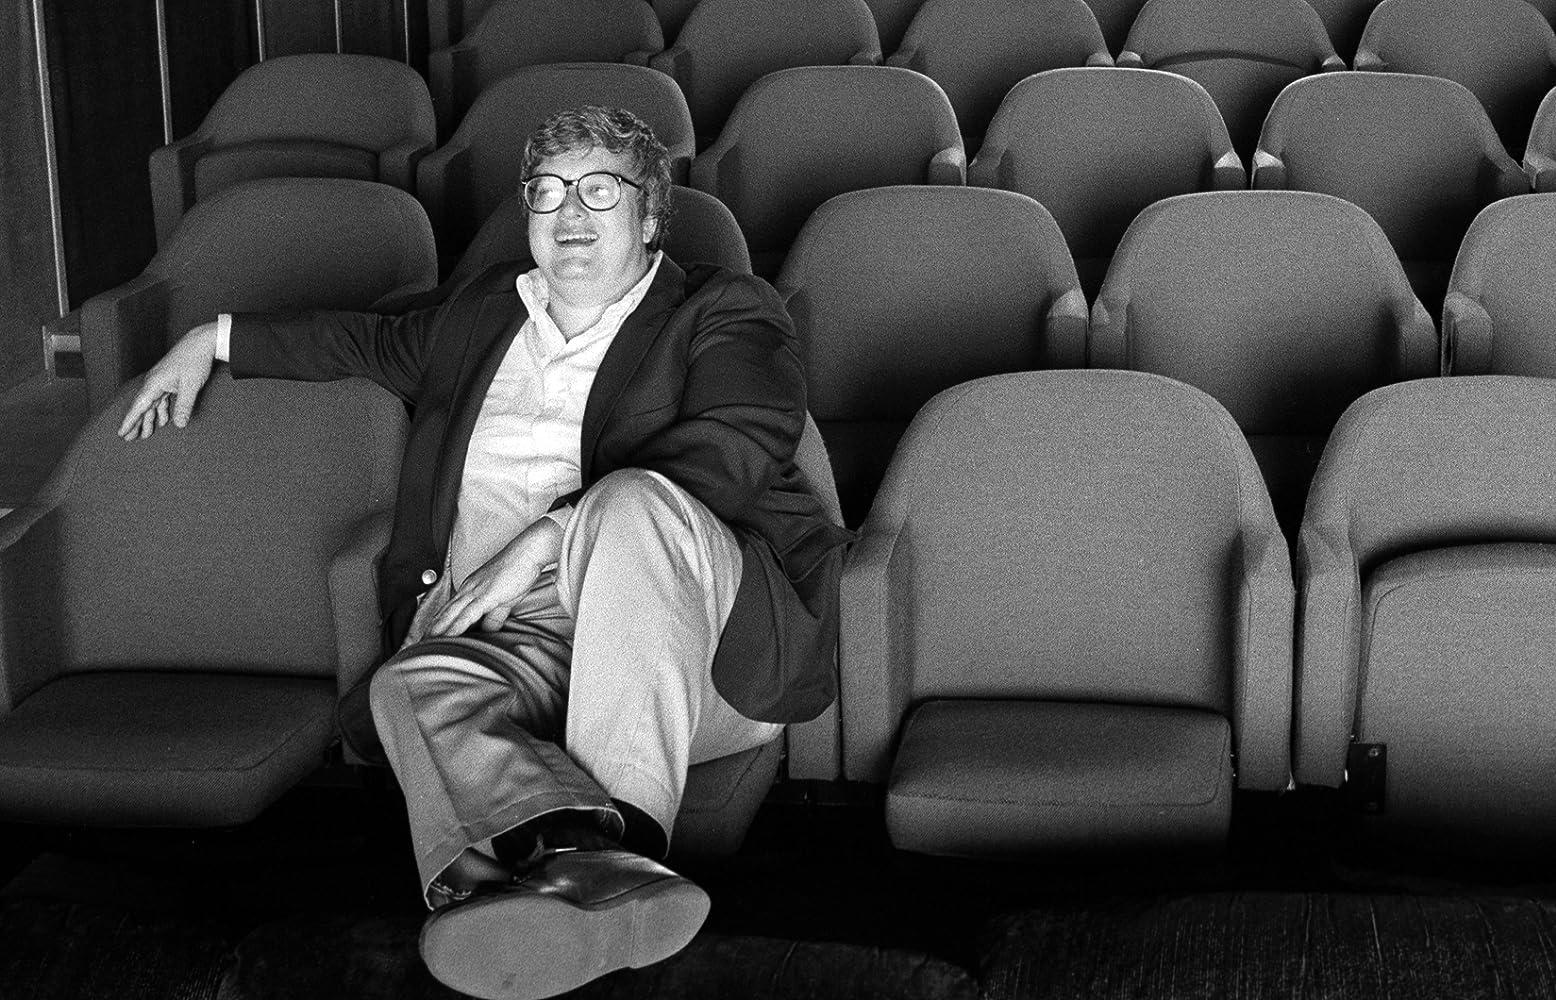 Roger Ebert in Life Itself (2014)